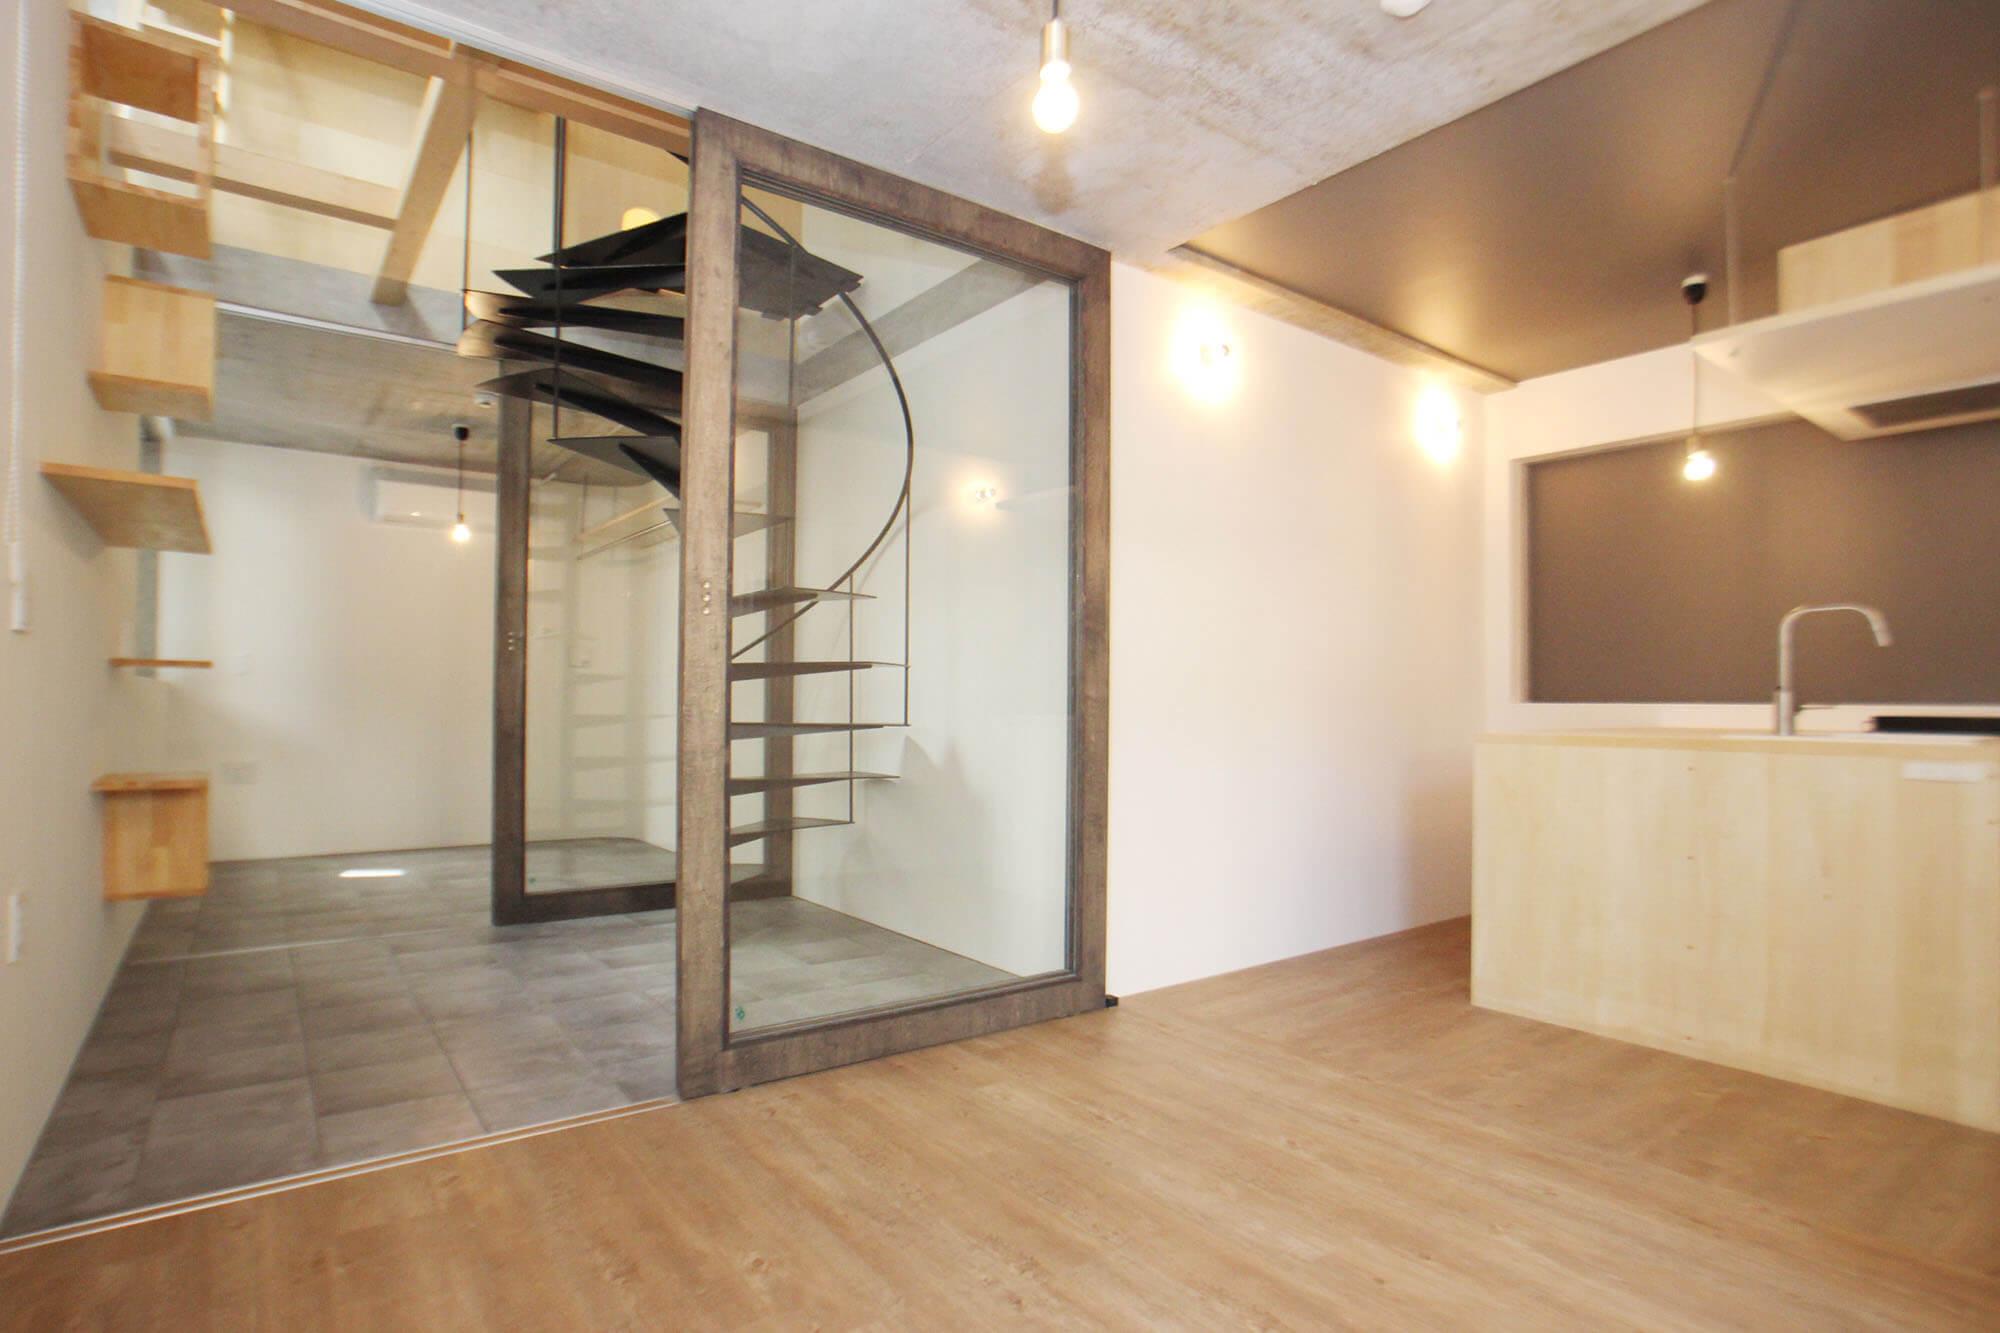 2号室、リビングエリアから見たところ。ガラス越しの螺旋階段とキャットステップがたまりません・・・。ガラスのスライドドアなのでそれぞれのエリアで締め切ることができます。